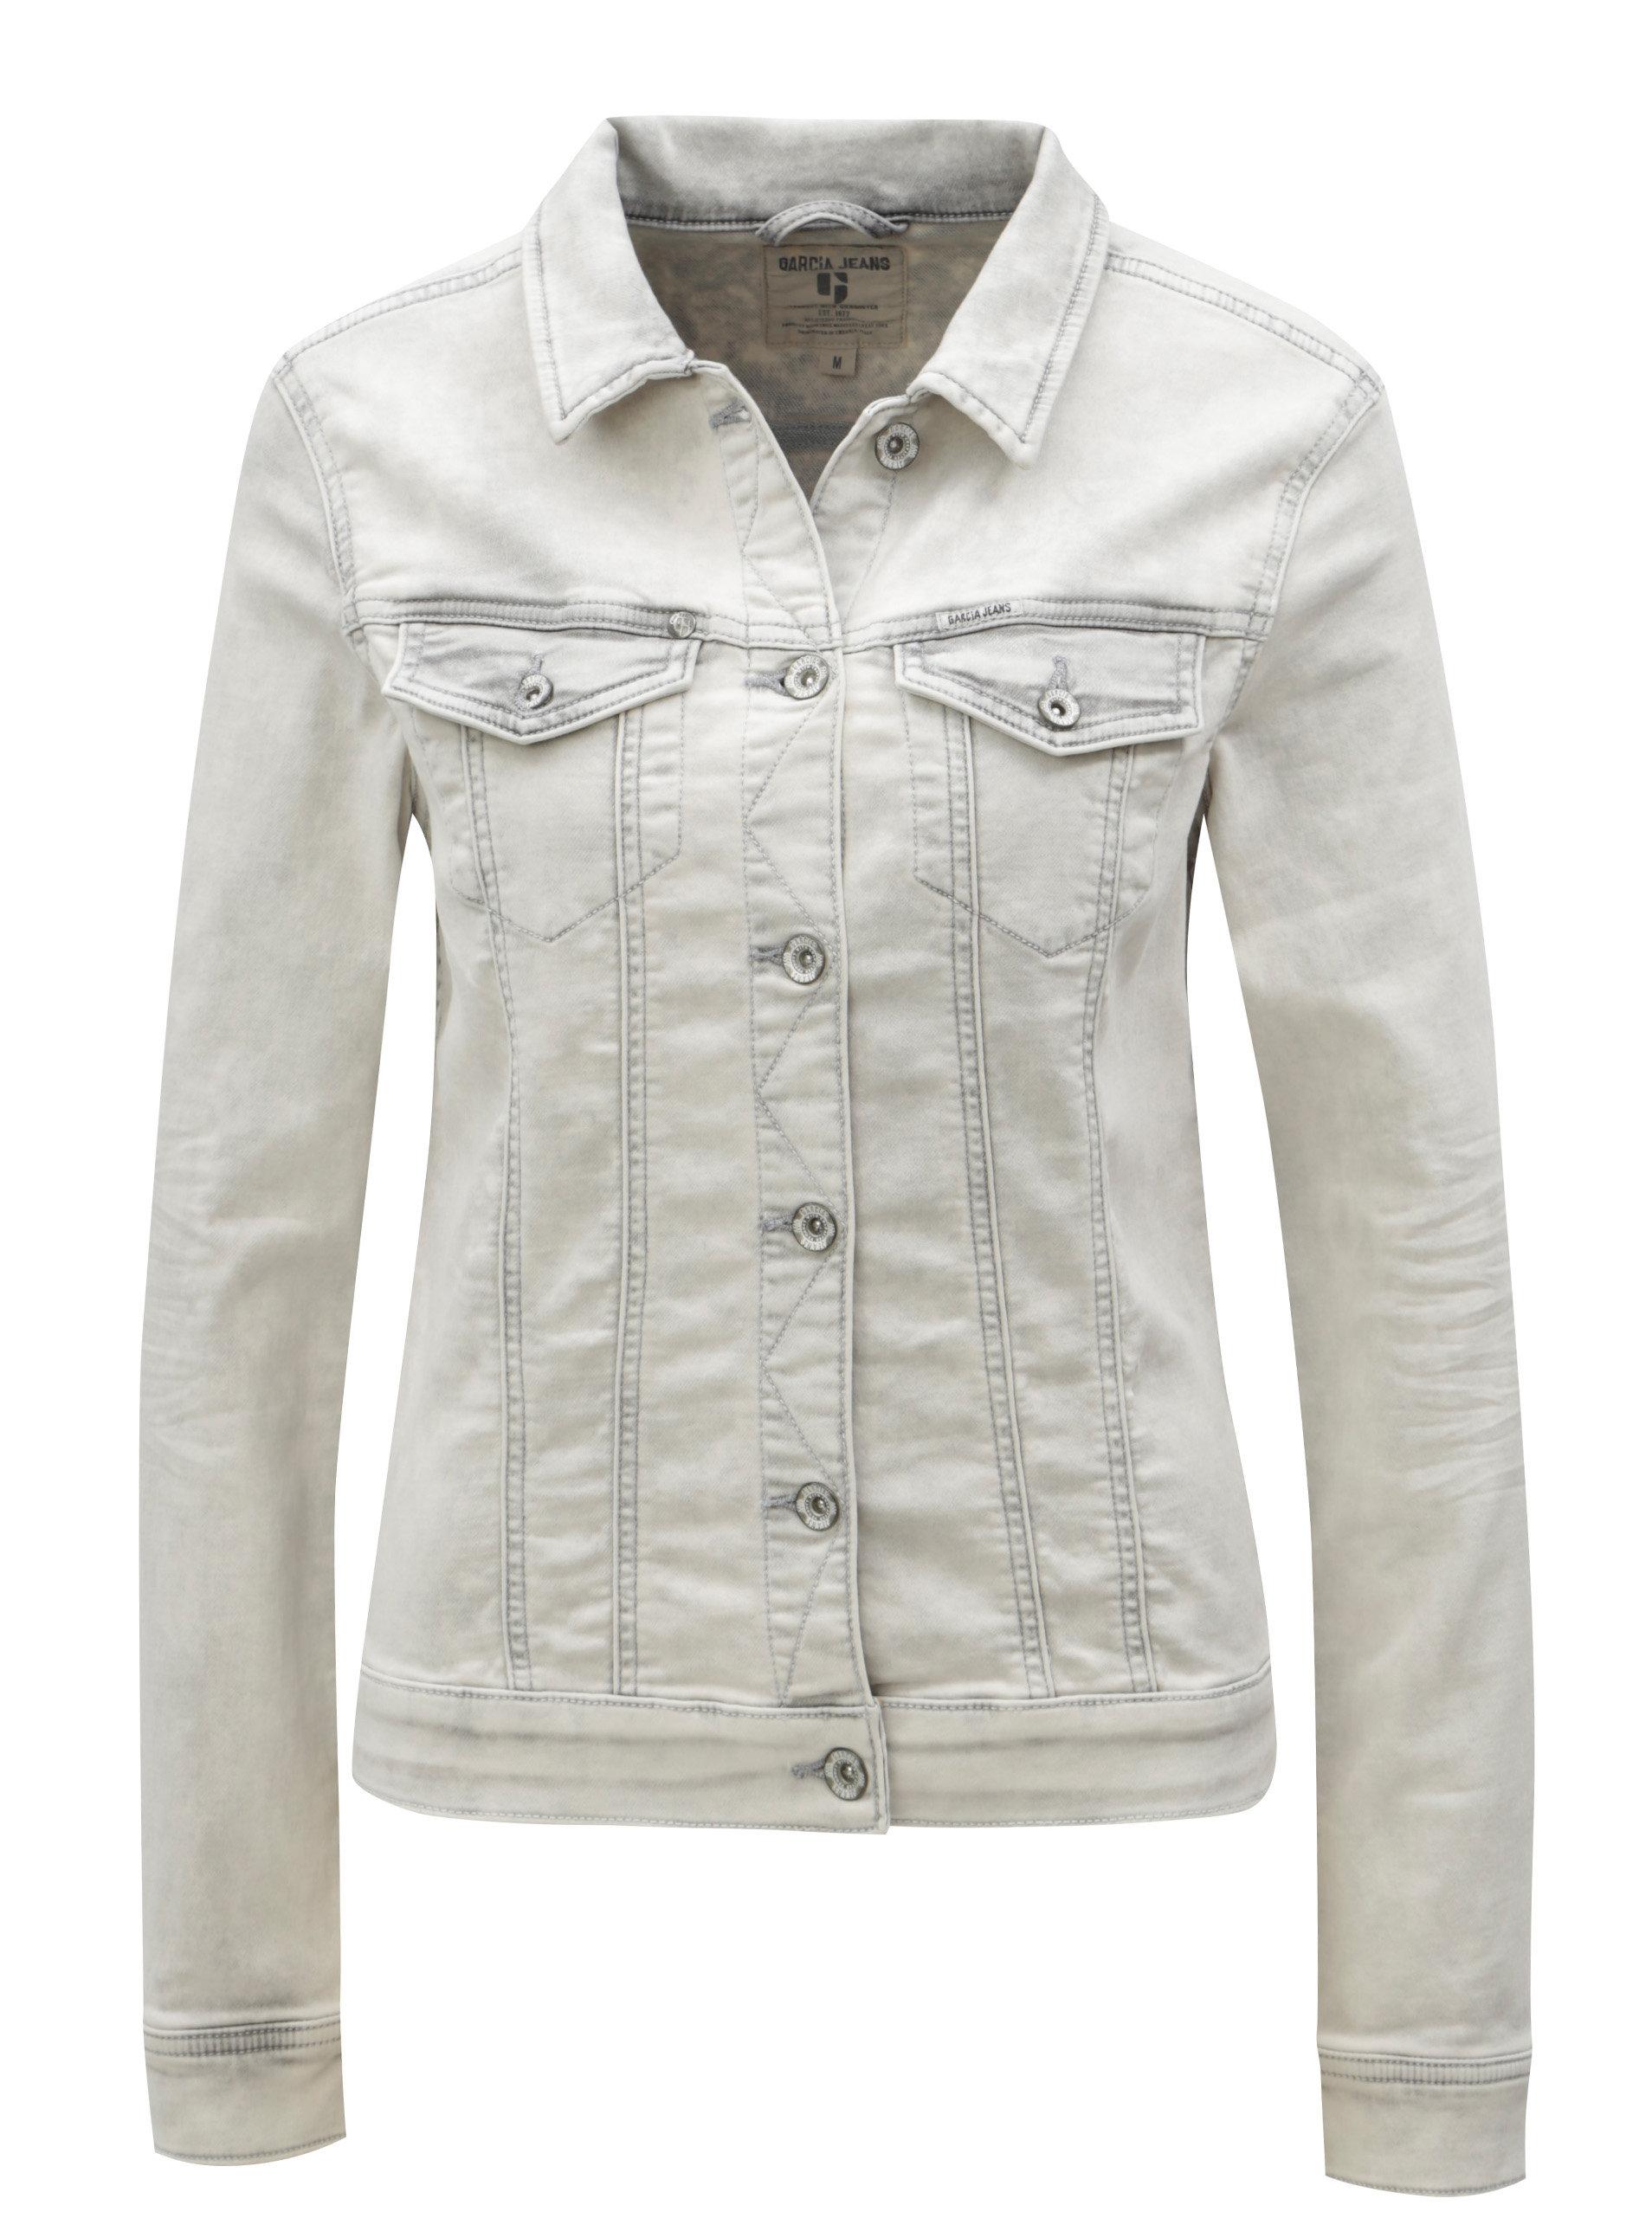 47b9f76eed Světle šedá dámská džínová bunda Garcia Jeans Sofia - SLEVA ...